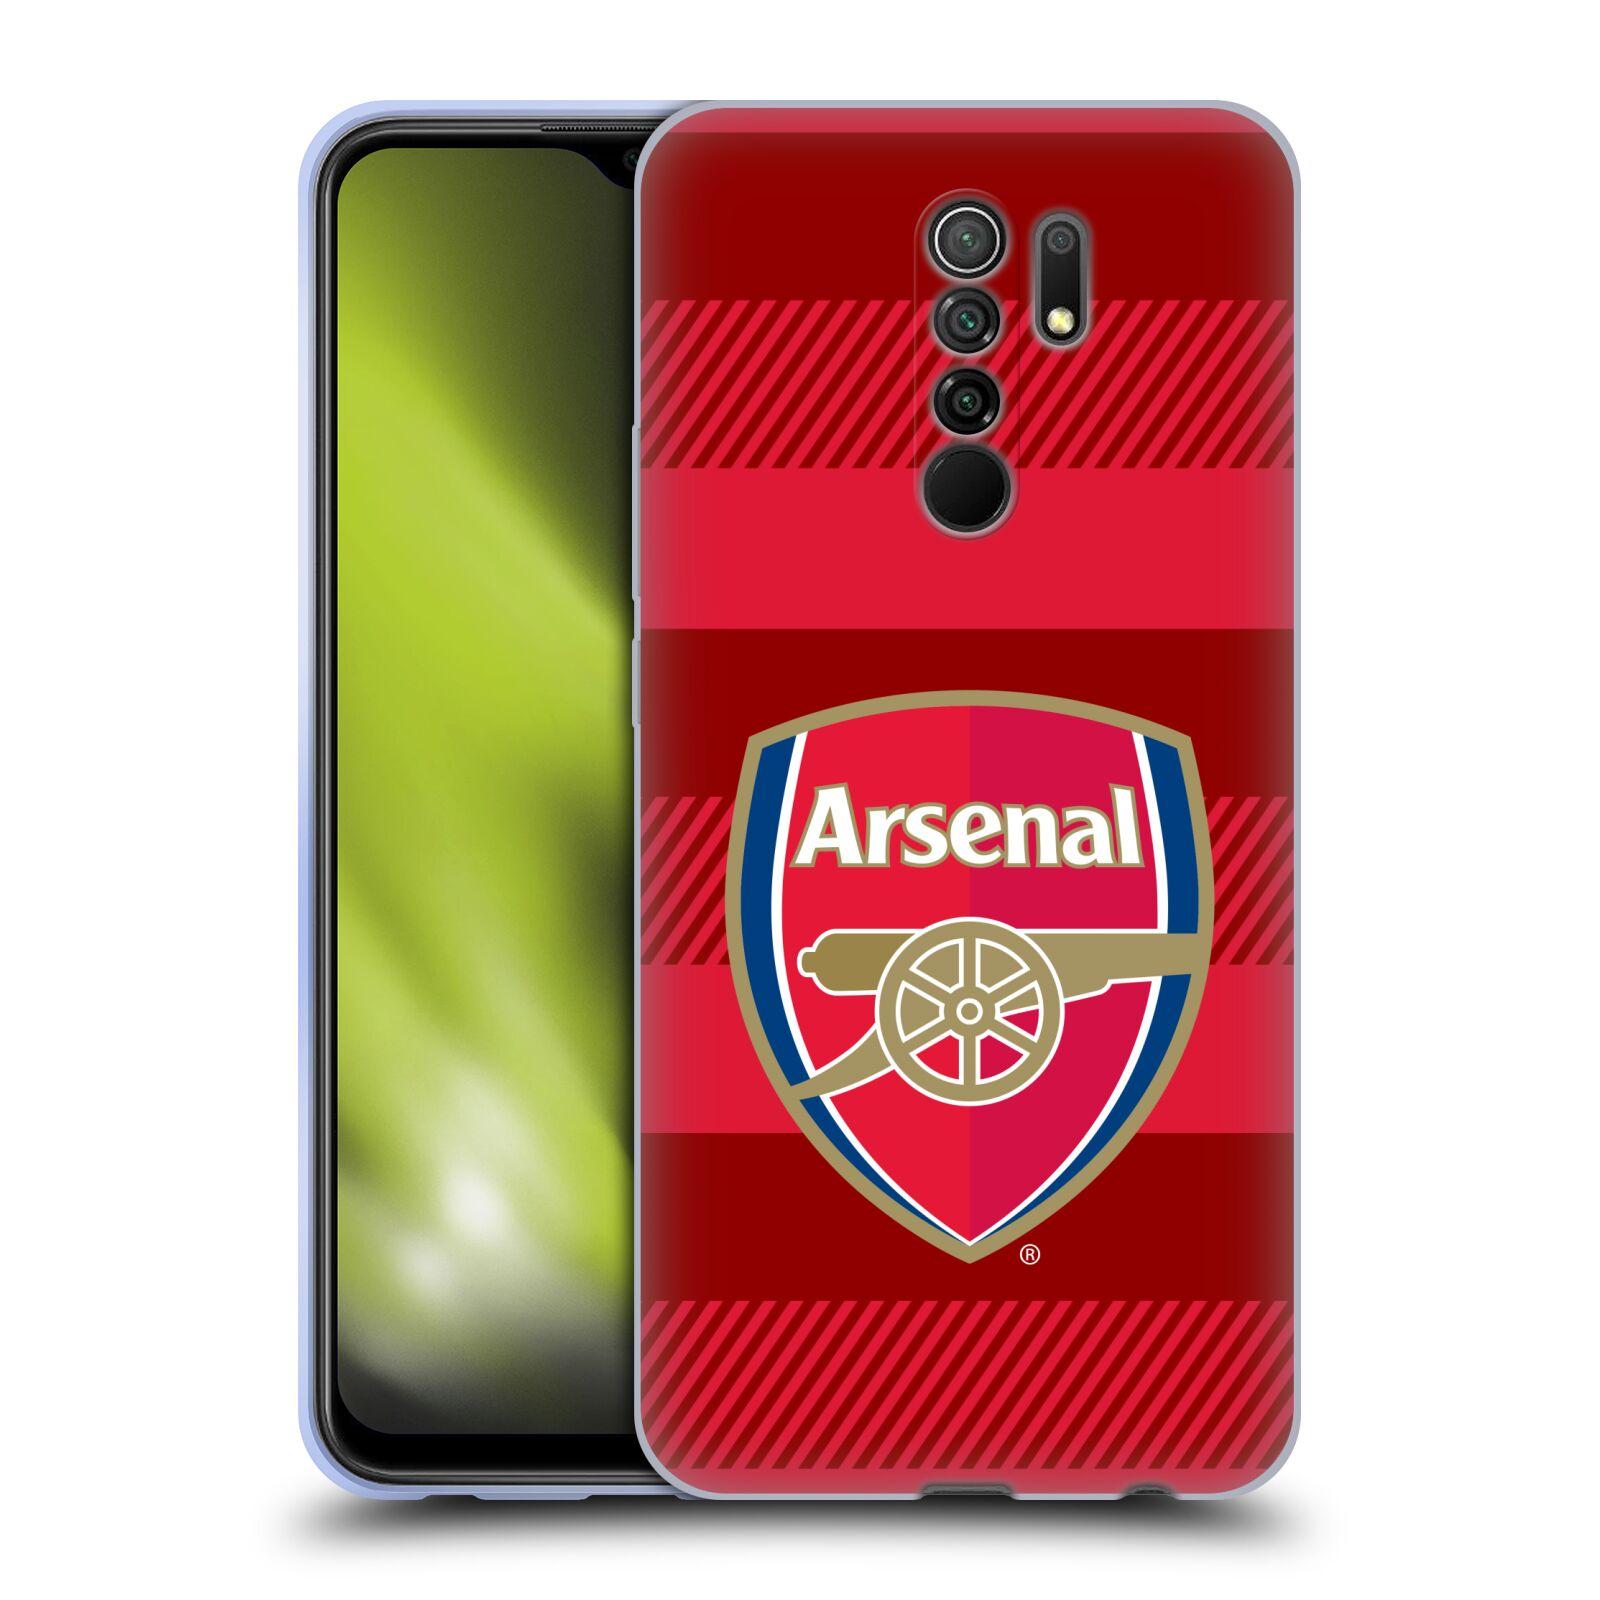 Silikonové pouzdro na mobil Xiaomi Redmi 9 - Head Case - Arsenal FC - Logo s pruhy